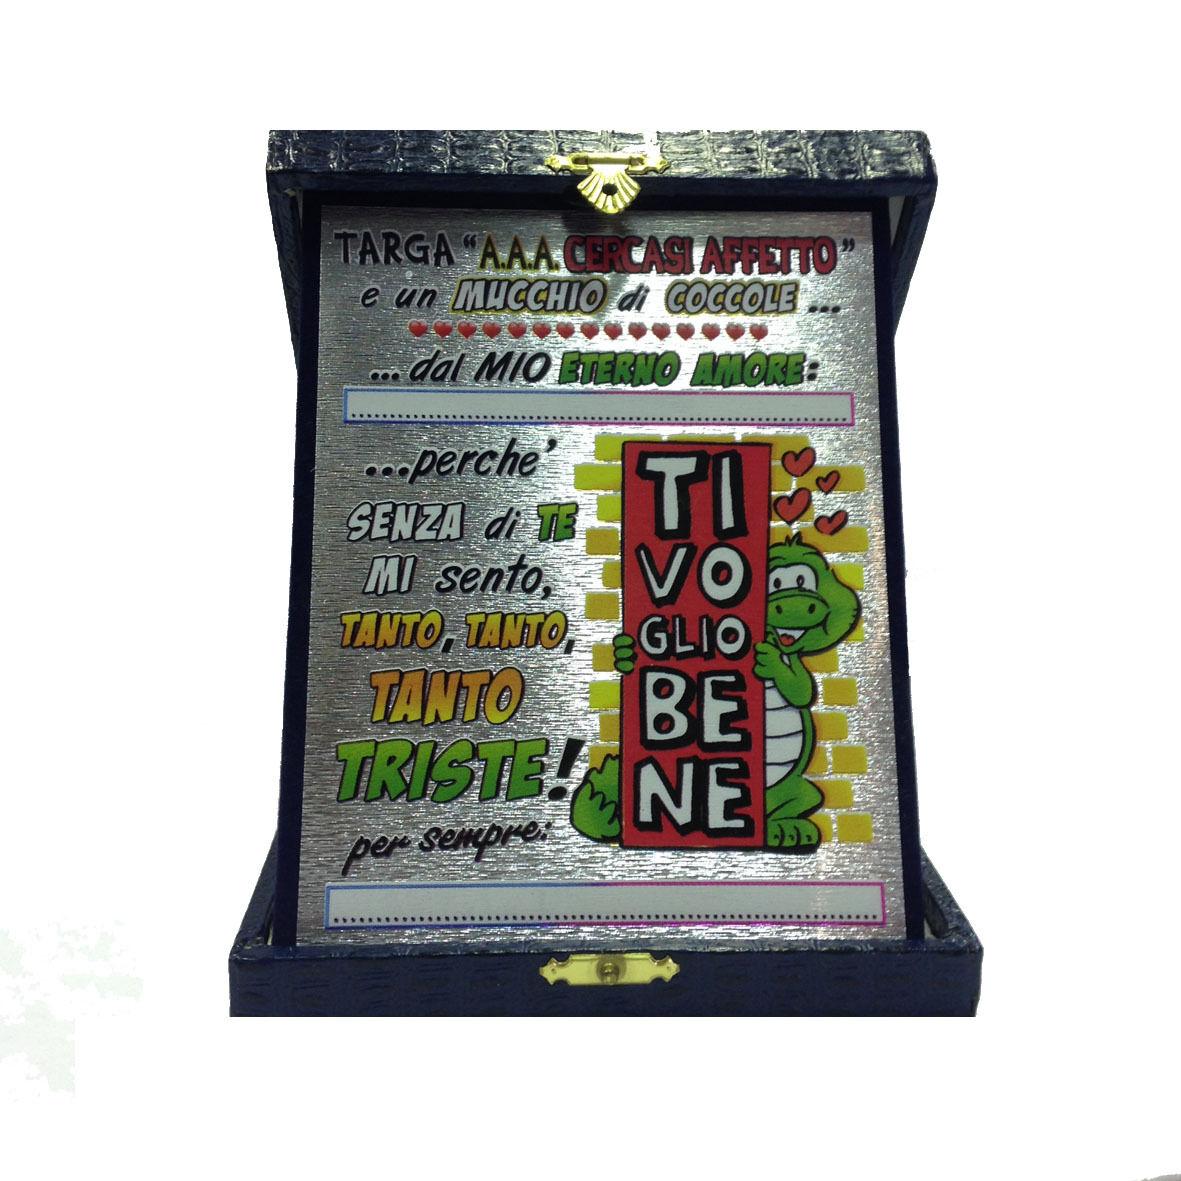 AMORE targa AAA CRECASI AFFETTO personalizzabile con scatola eco-pelle blu 18x14